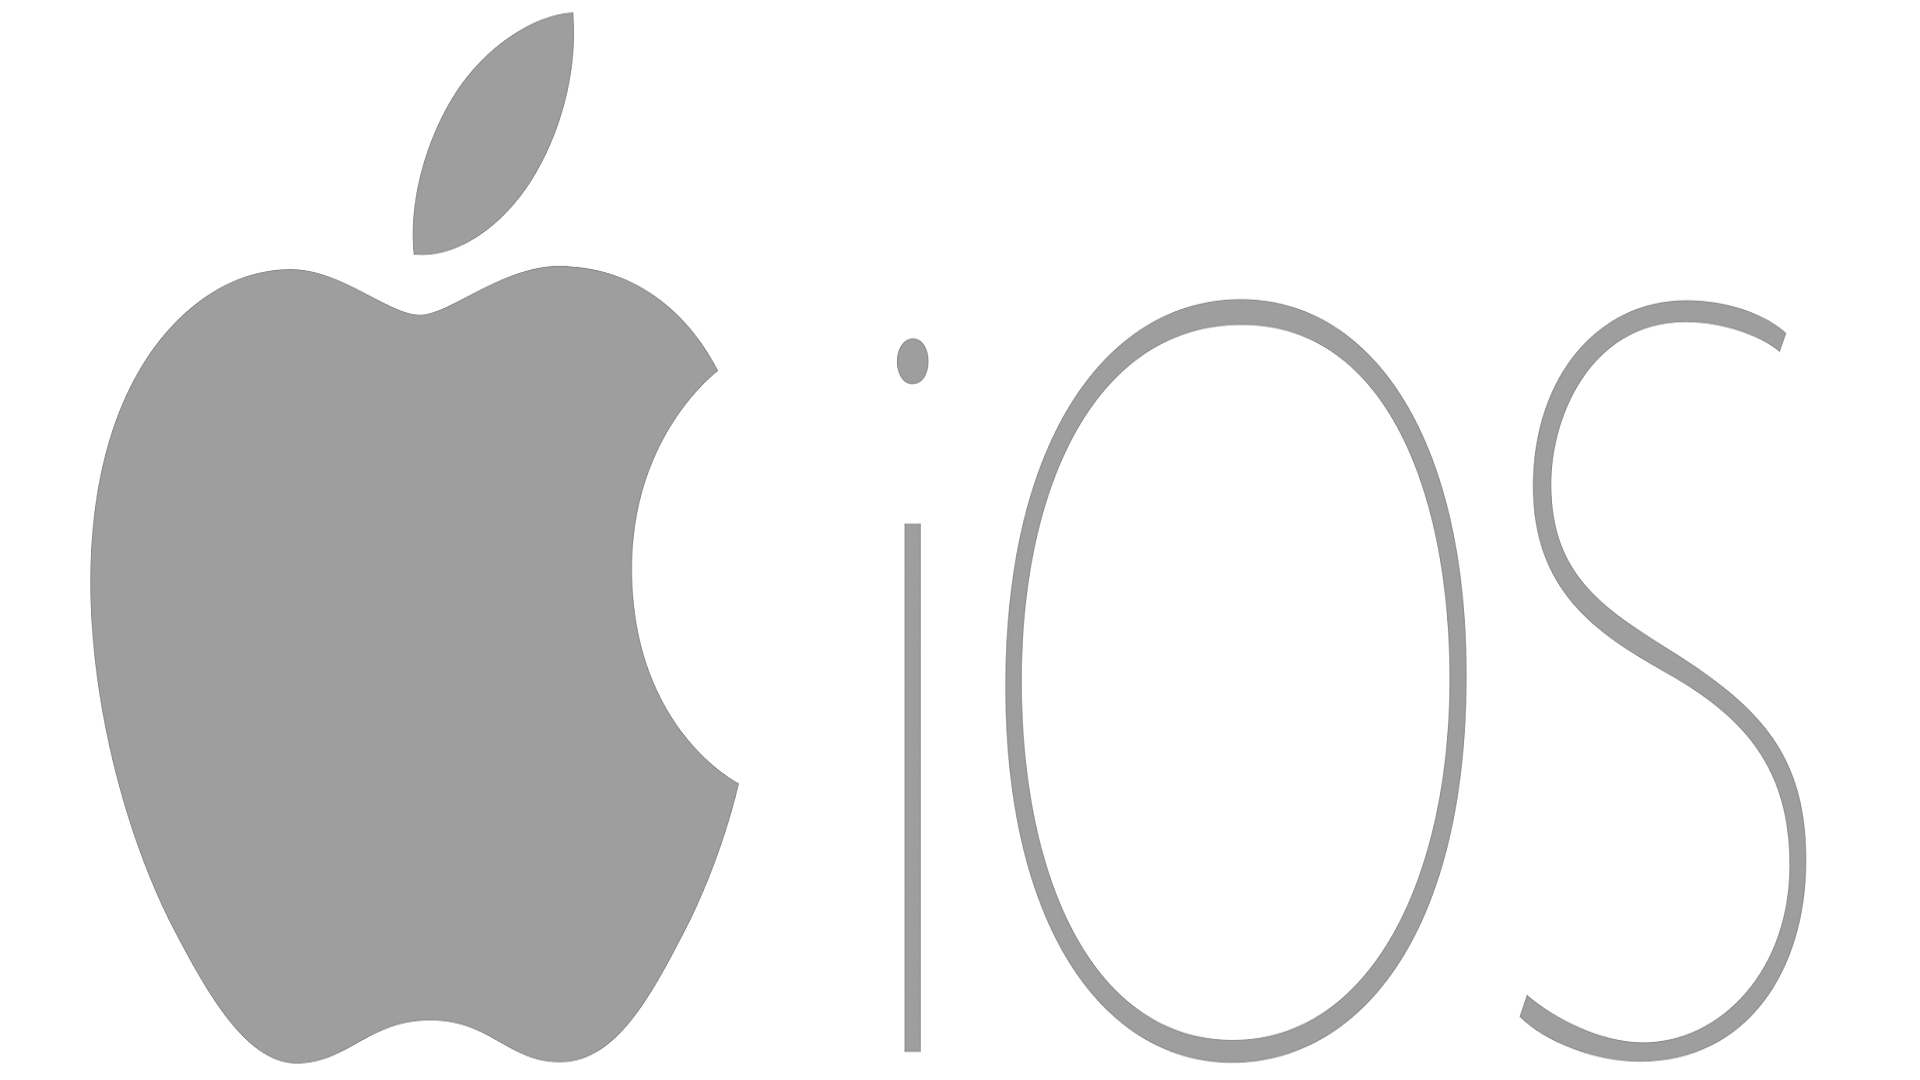 logotipo da Apple iOS